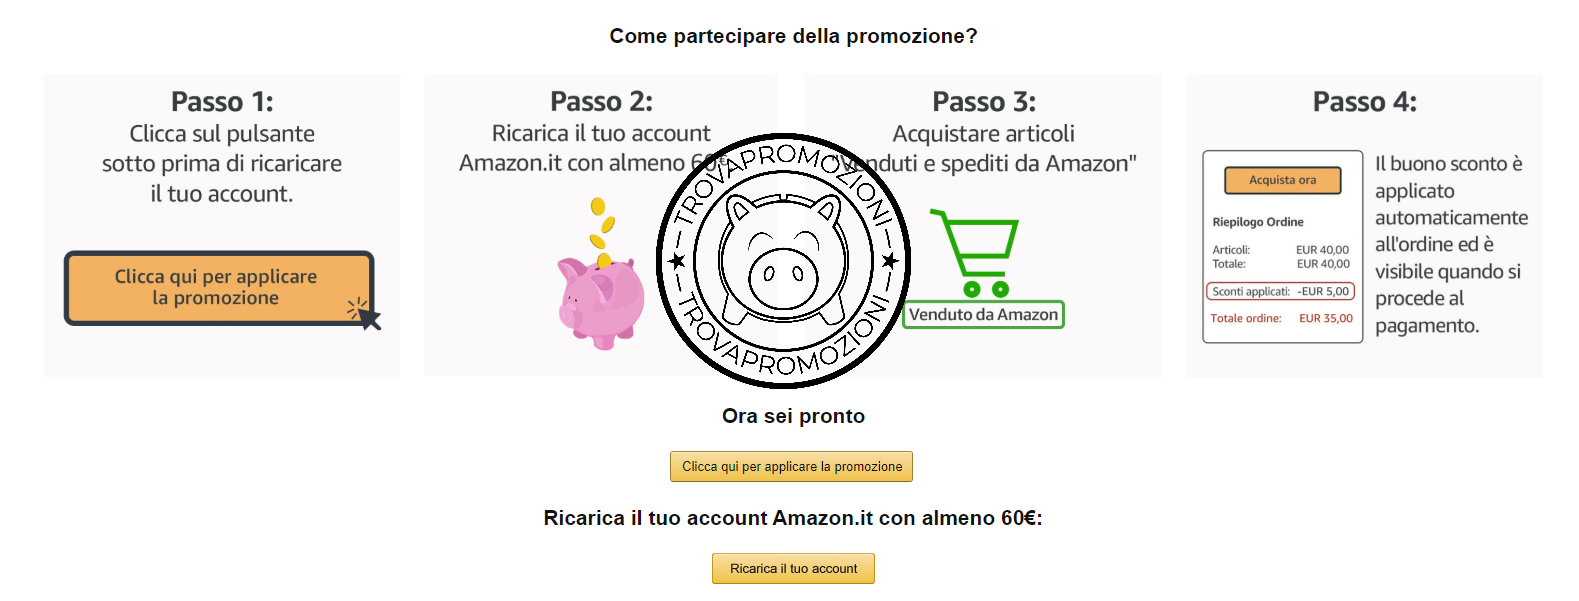 d03047c1f3 Ricarica il tuo account Amazon con 60€ e ricevi un buono sconto di 5 ...